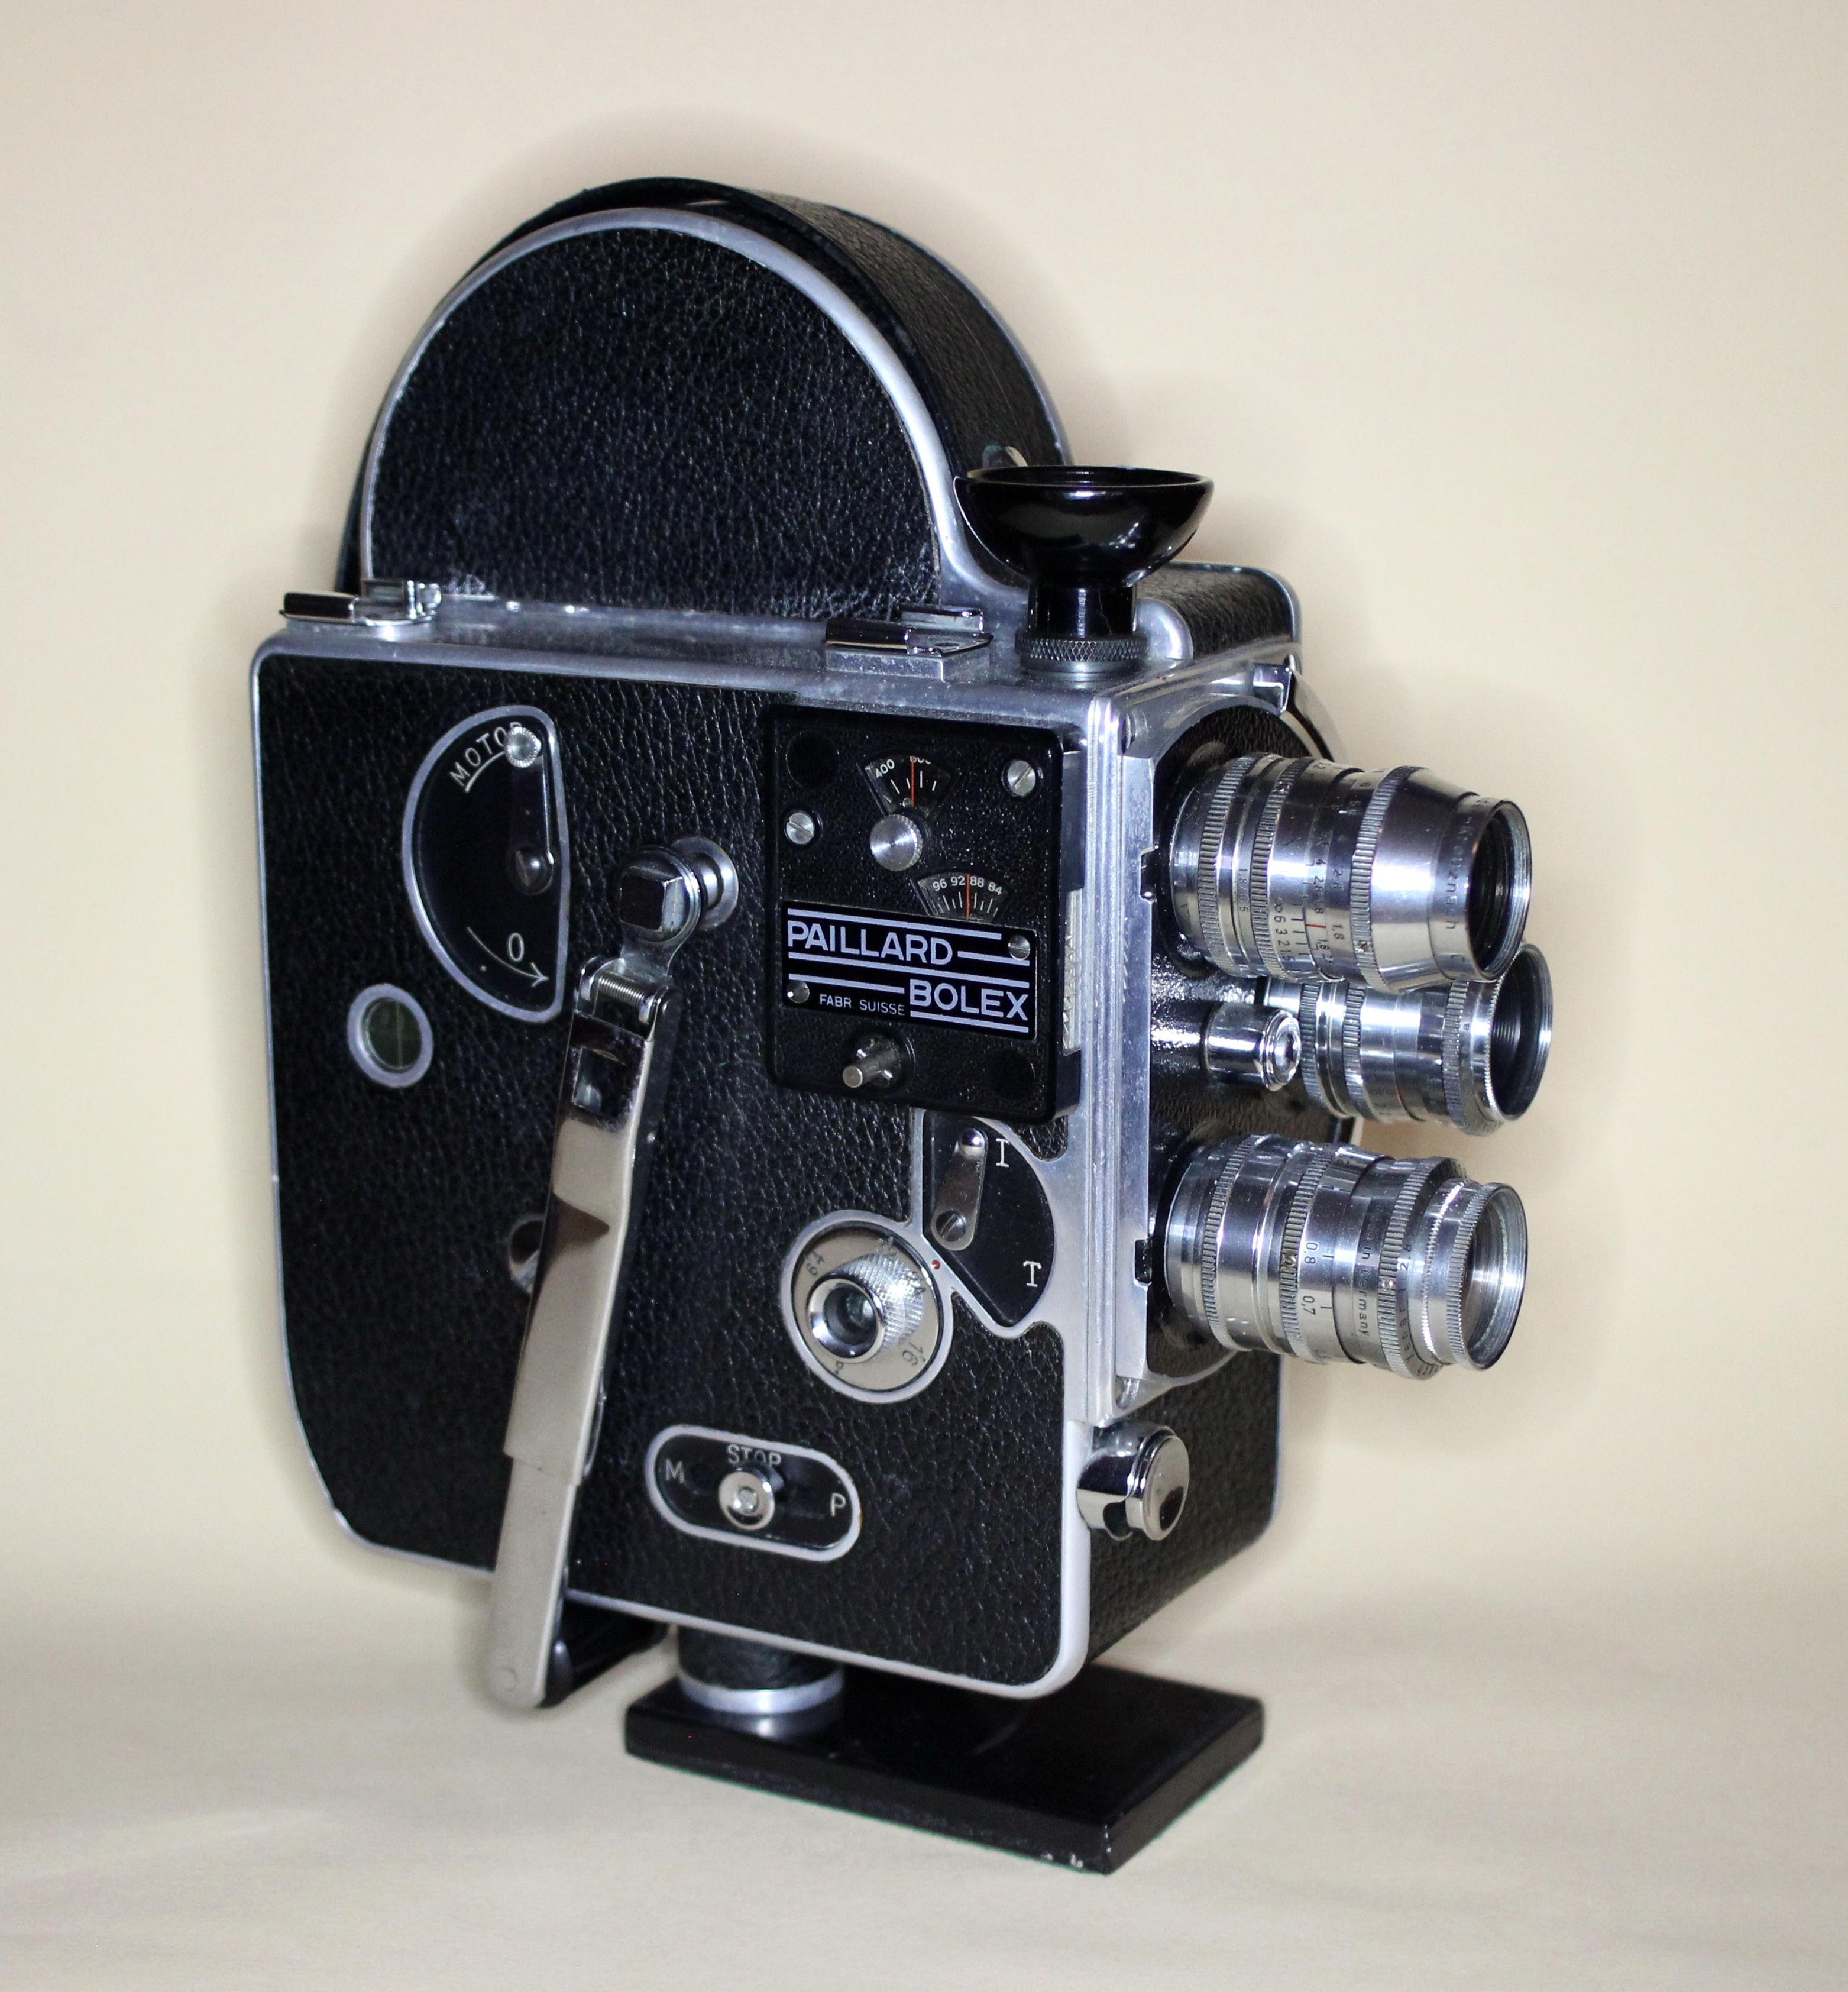 Bolex H8 Kamera kamera kamera Antike Kamera Kamerasammlung Kameras Optik Kamera Zubehör Spiegelreflexkamera Digitalkamera Kameraobjektiv Digitales